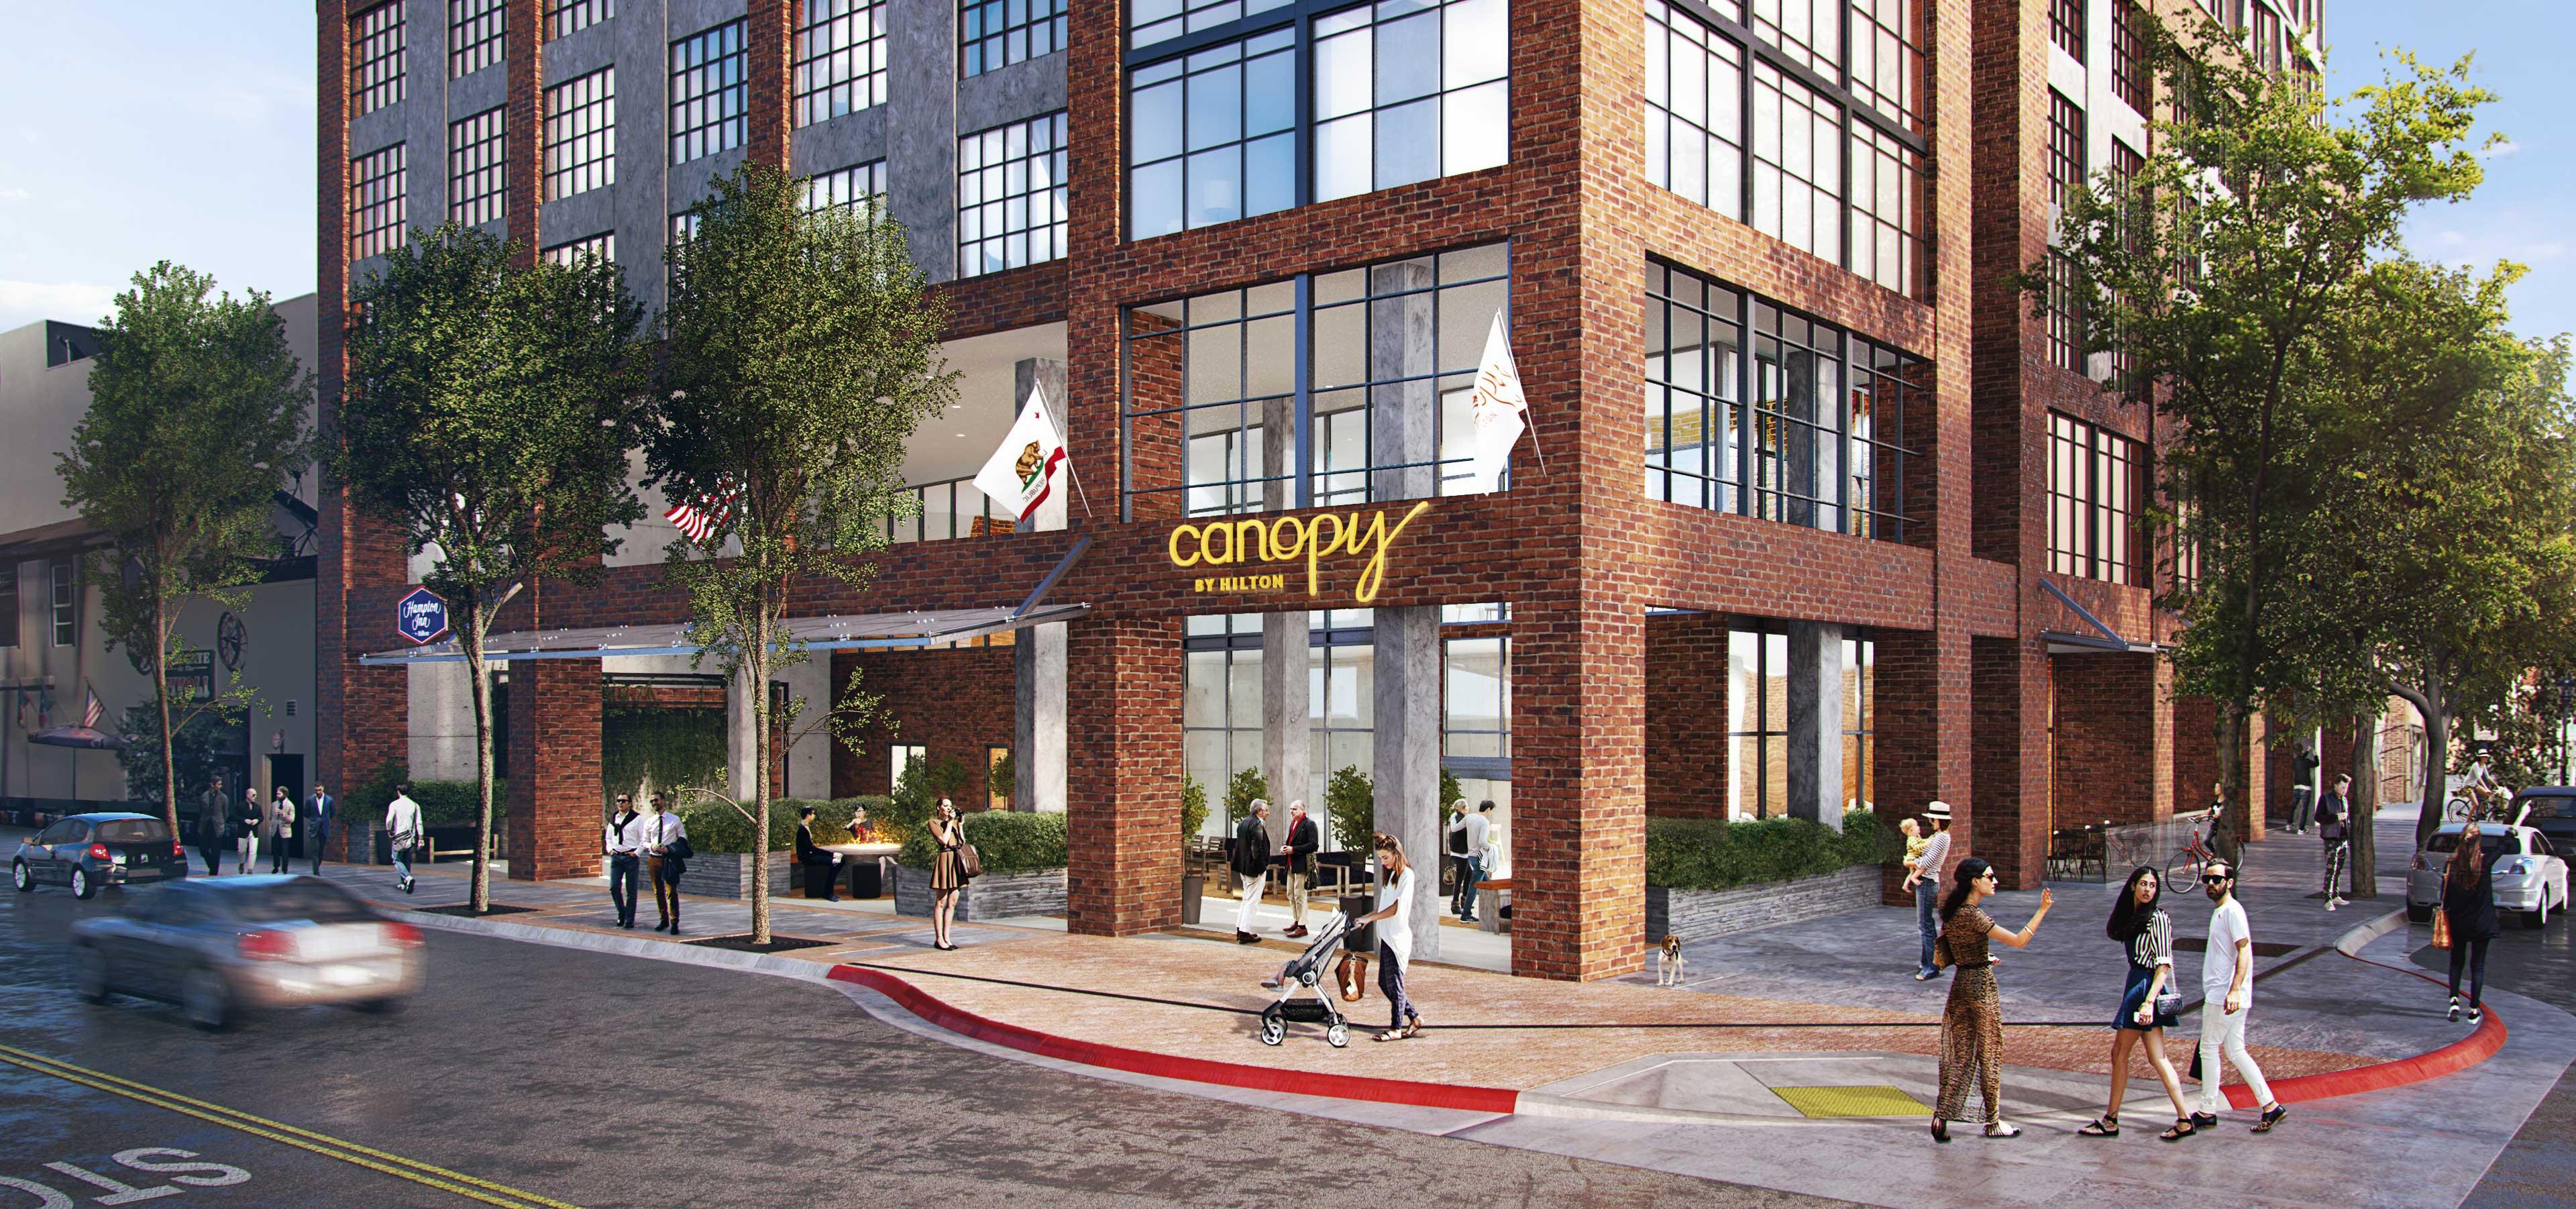 5-canopy_web